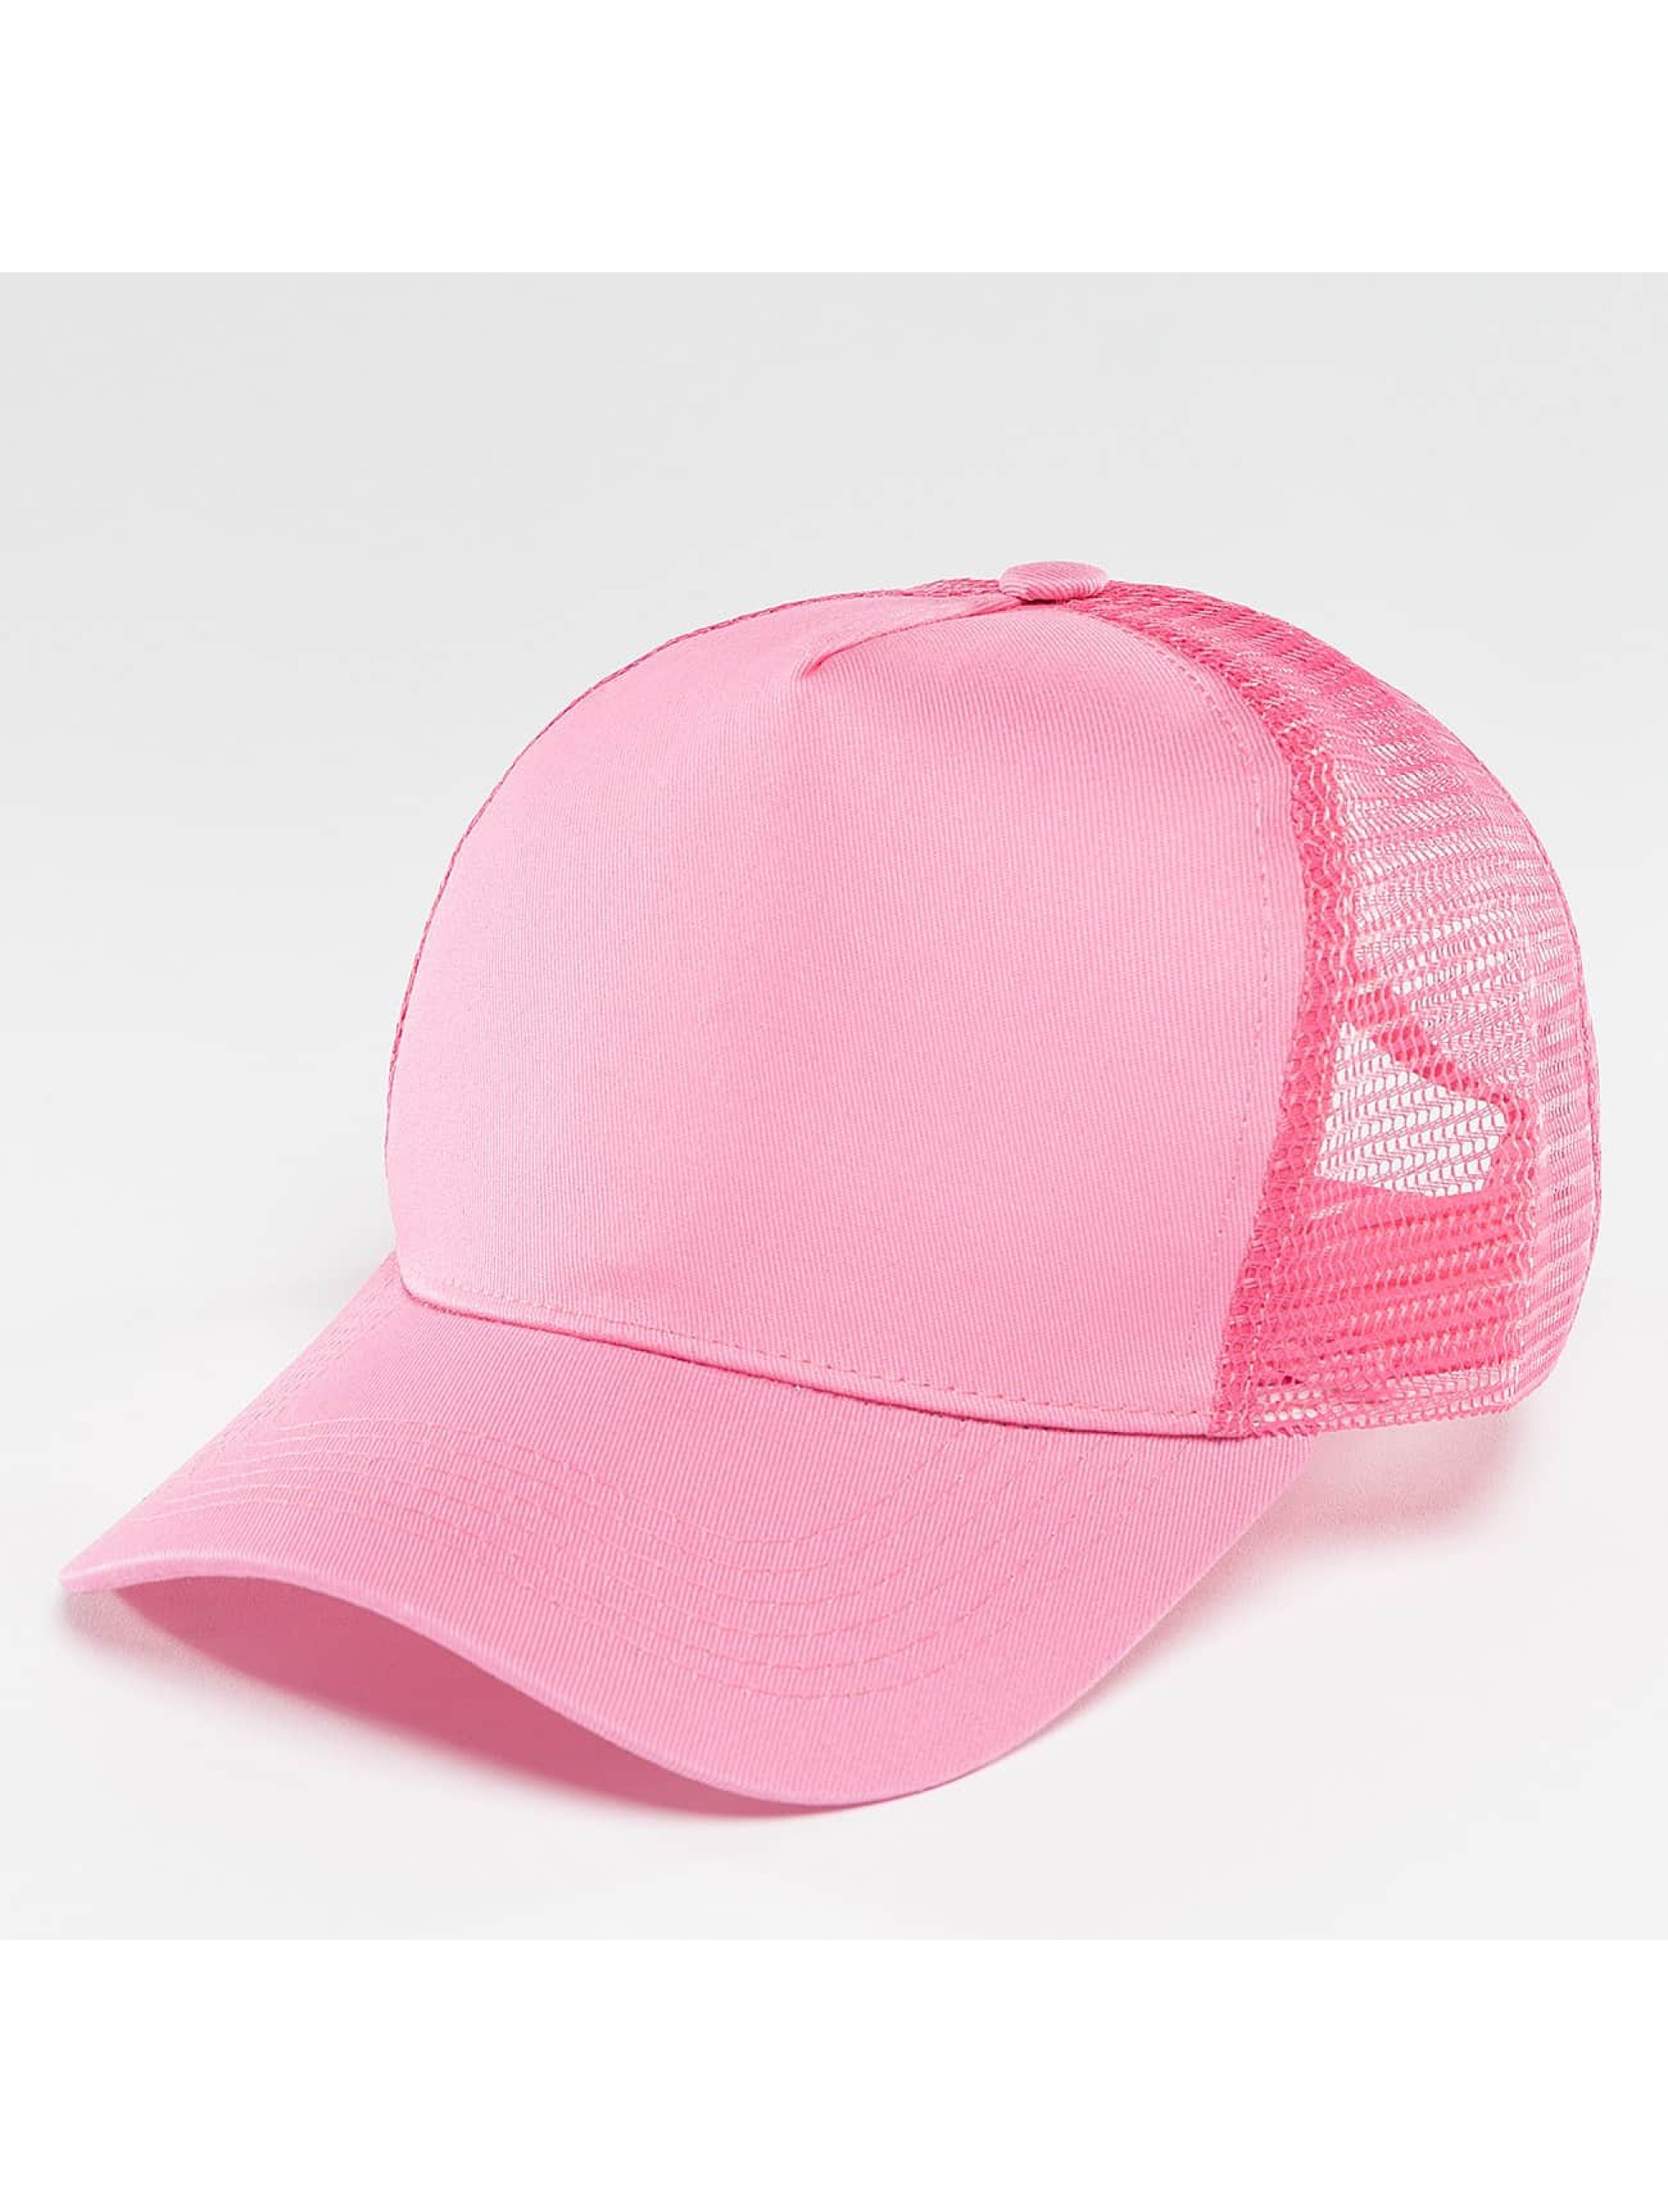 TrueSpin Verkkolippikset Blank vaaleanpunainen